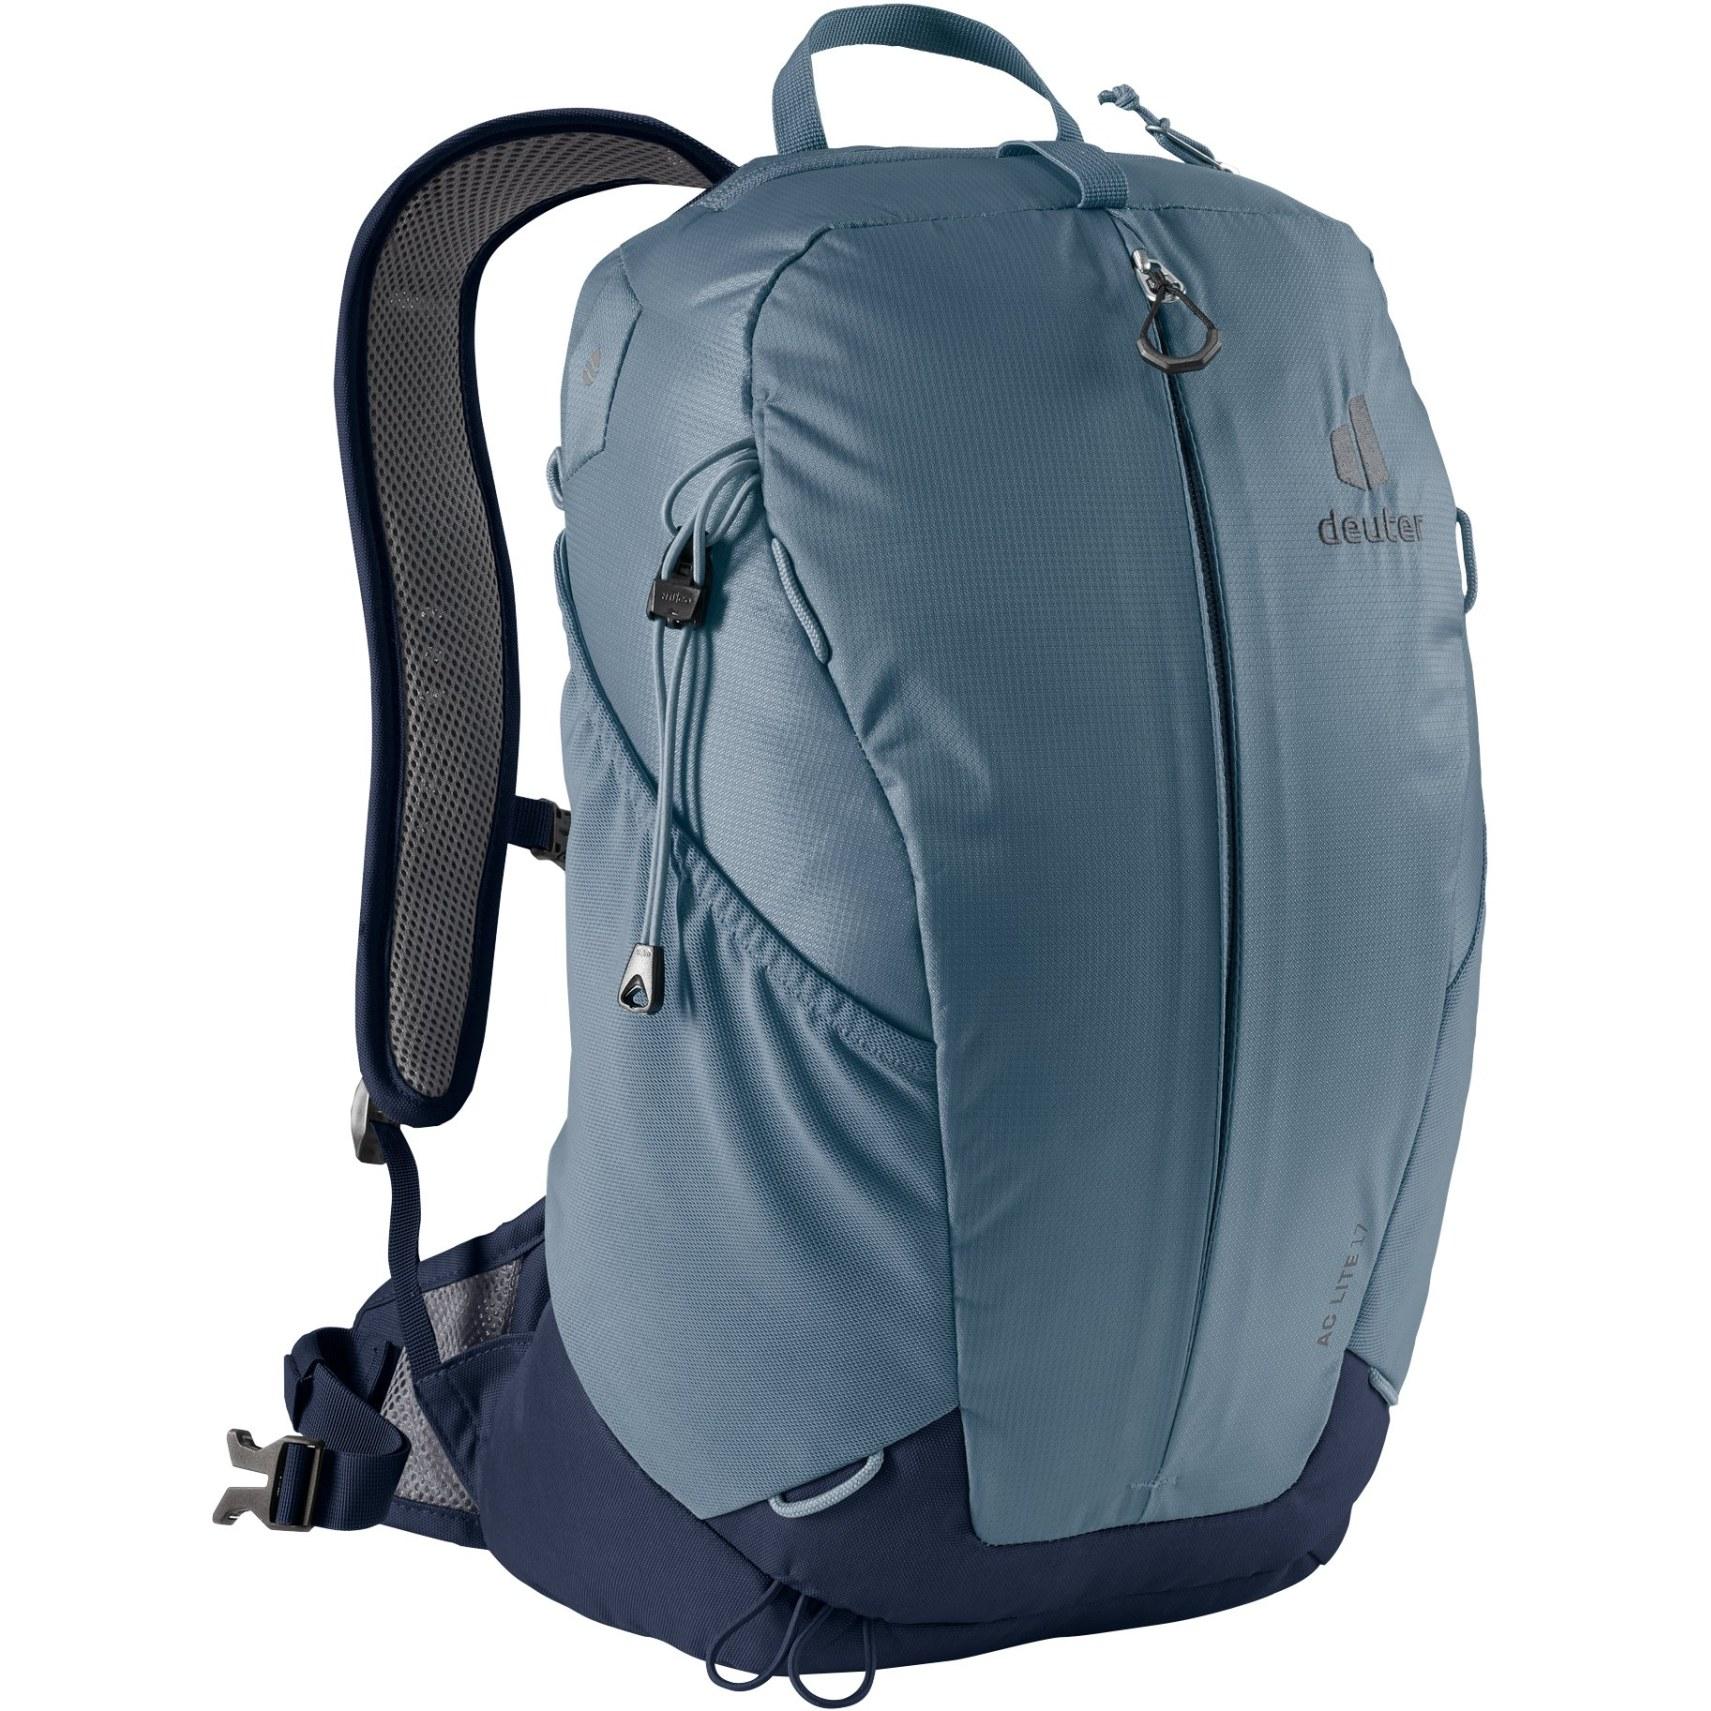 Deuter AC Lite 17 Backpack - slateblue-marine